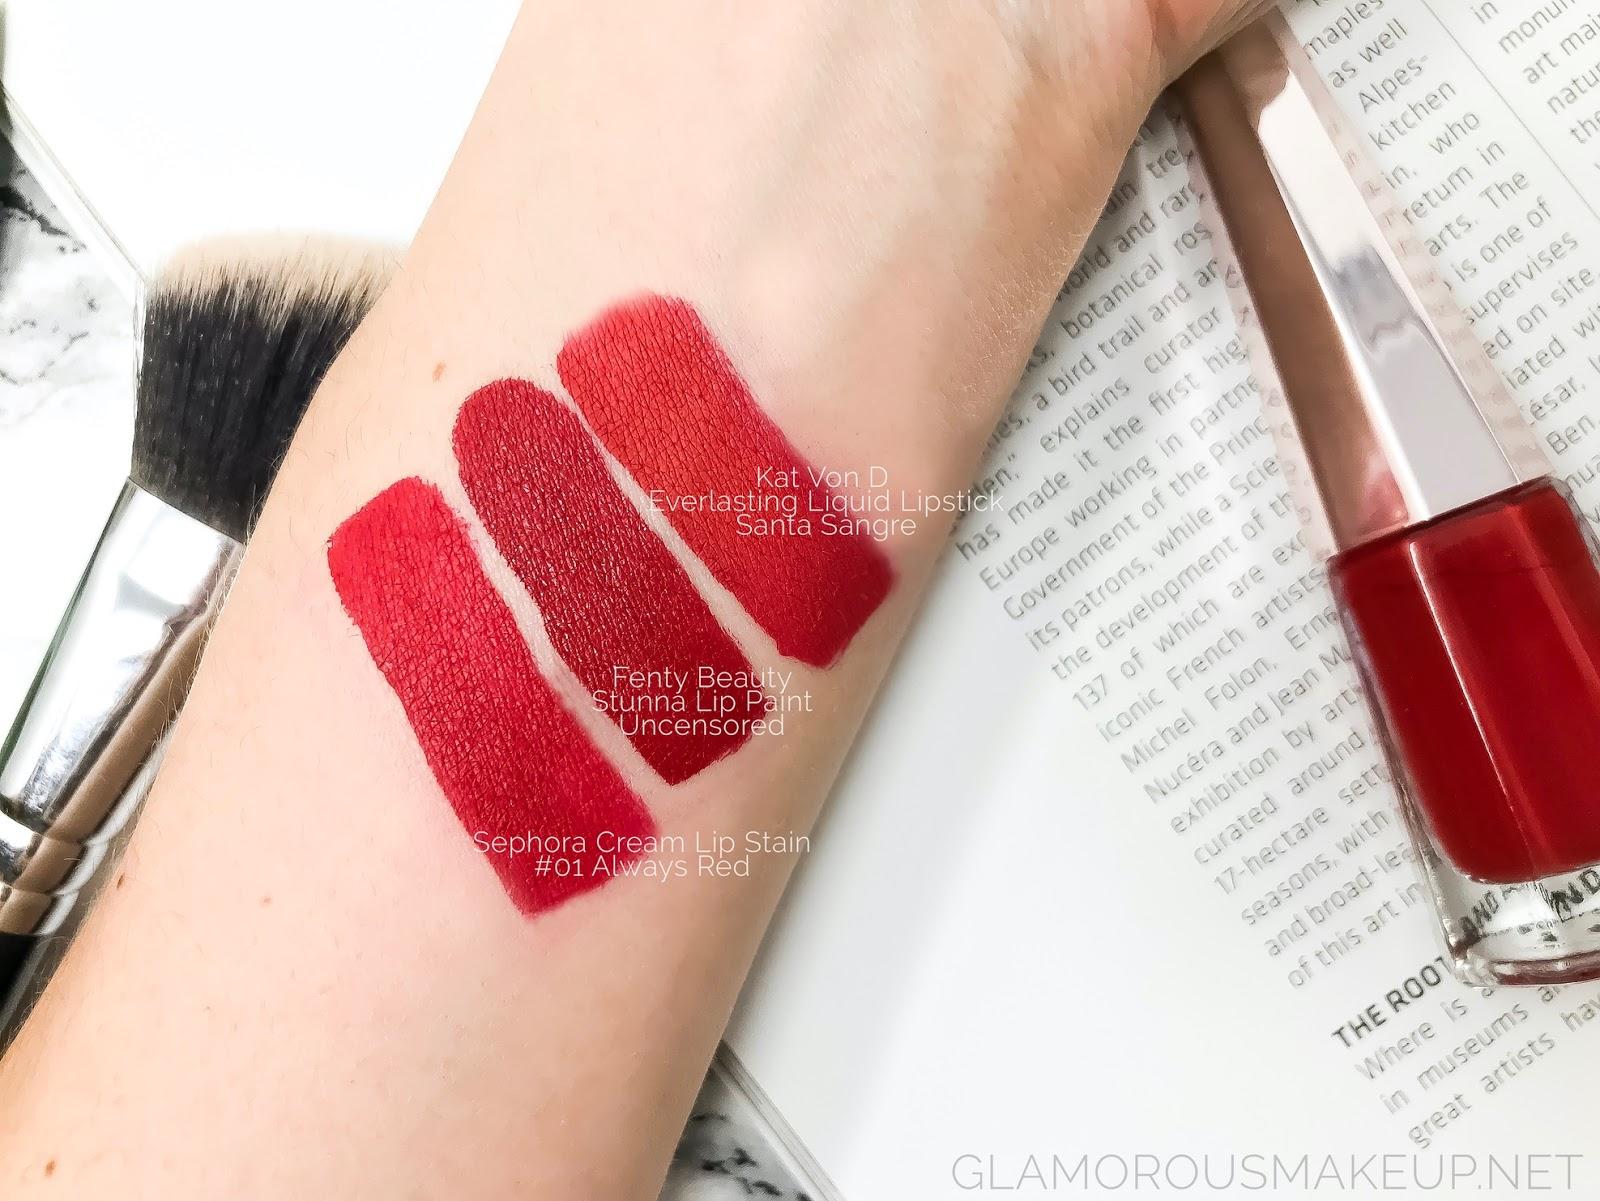 Stunna Lip Paint Longwear Fluid Lip Color by Fenty Beauty #11